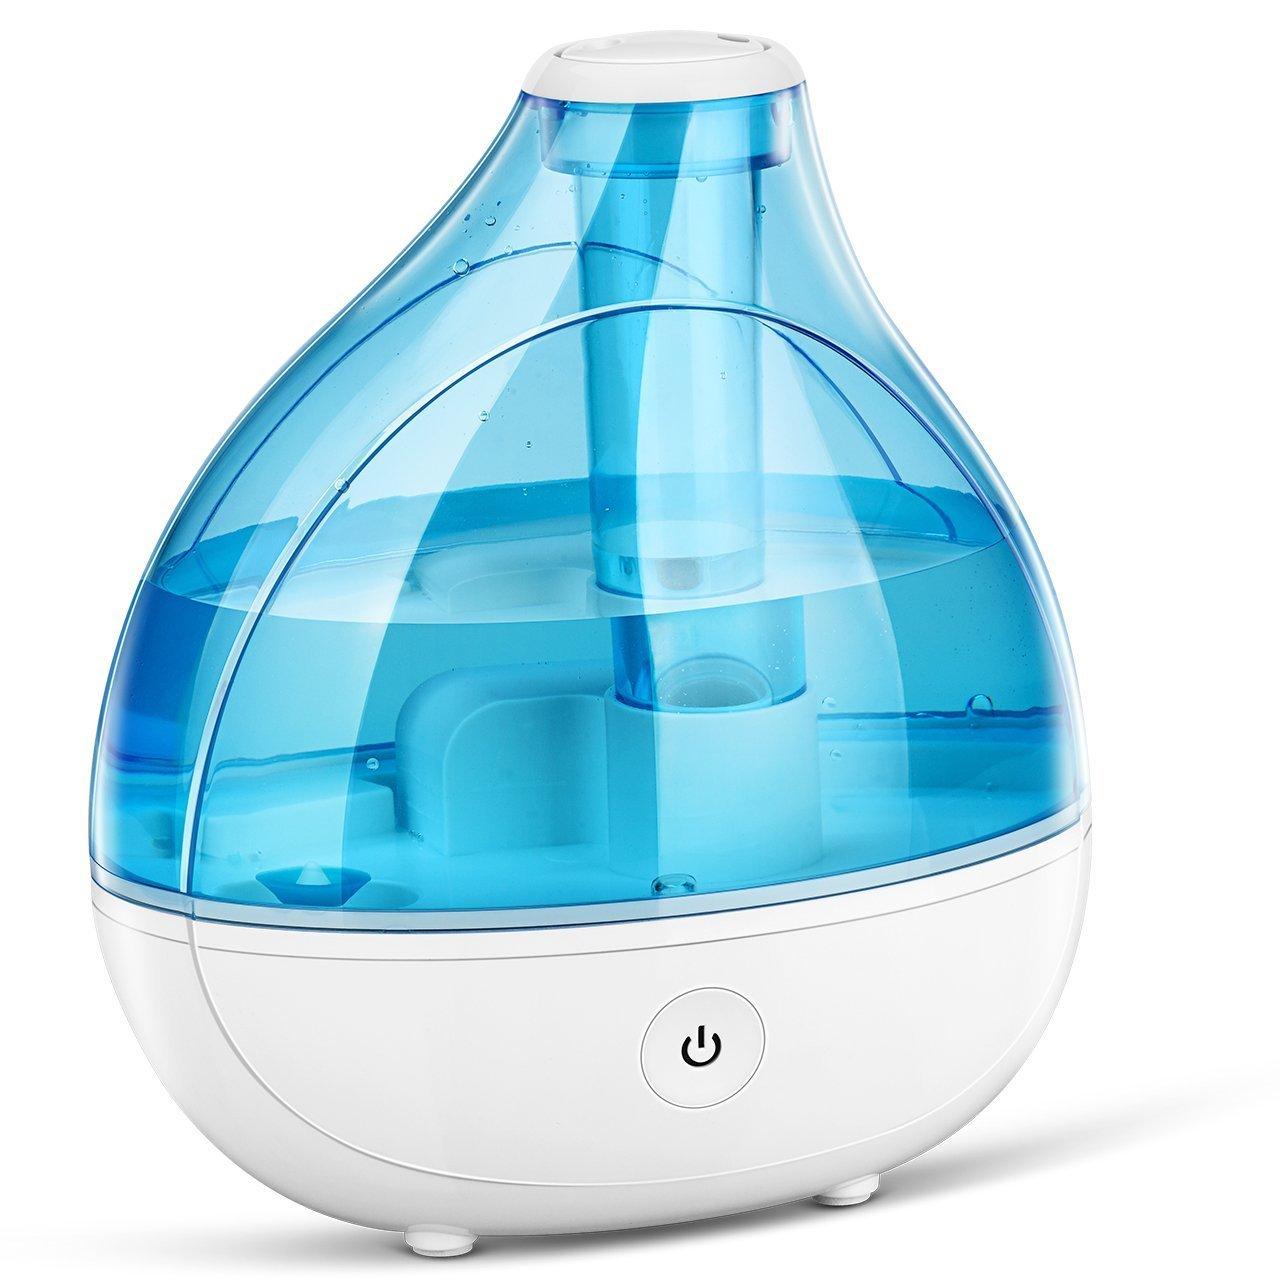 VicTsing 11152017 - Humidificador Bebé Seguridad Ultrasónico, Silencioso, Ambientador, Boquilla 360° Grados